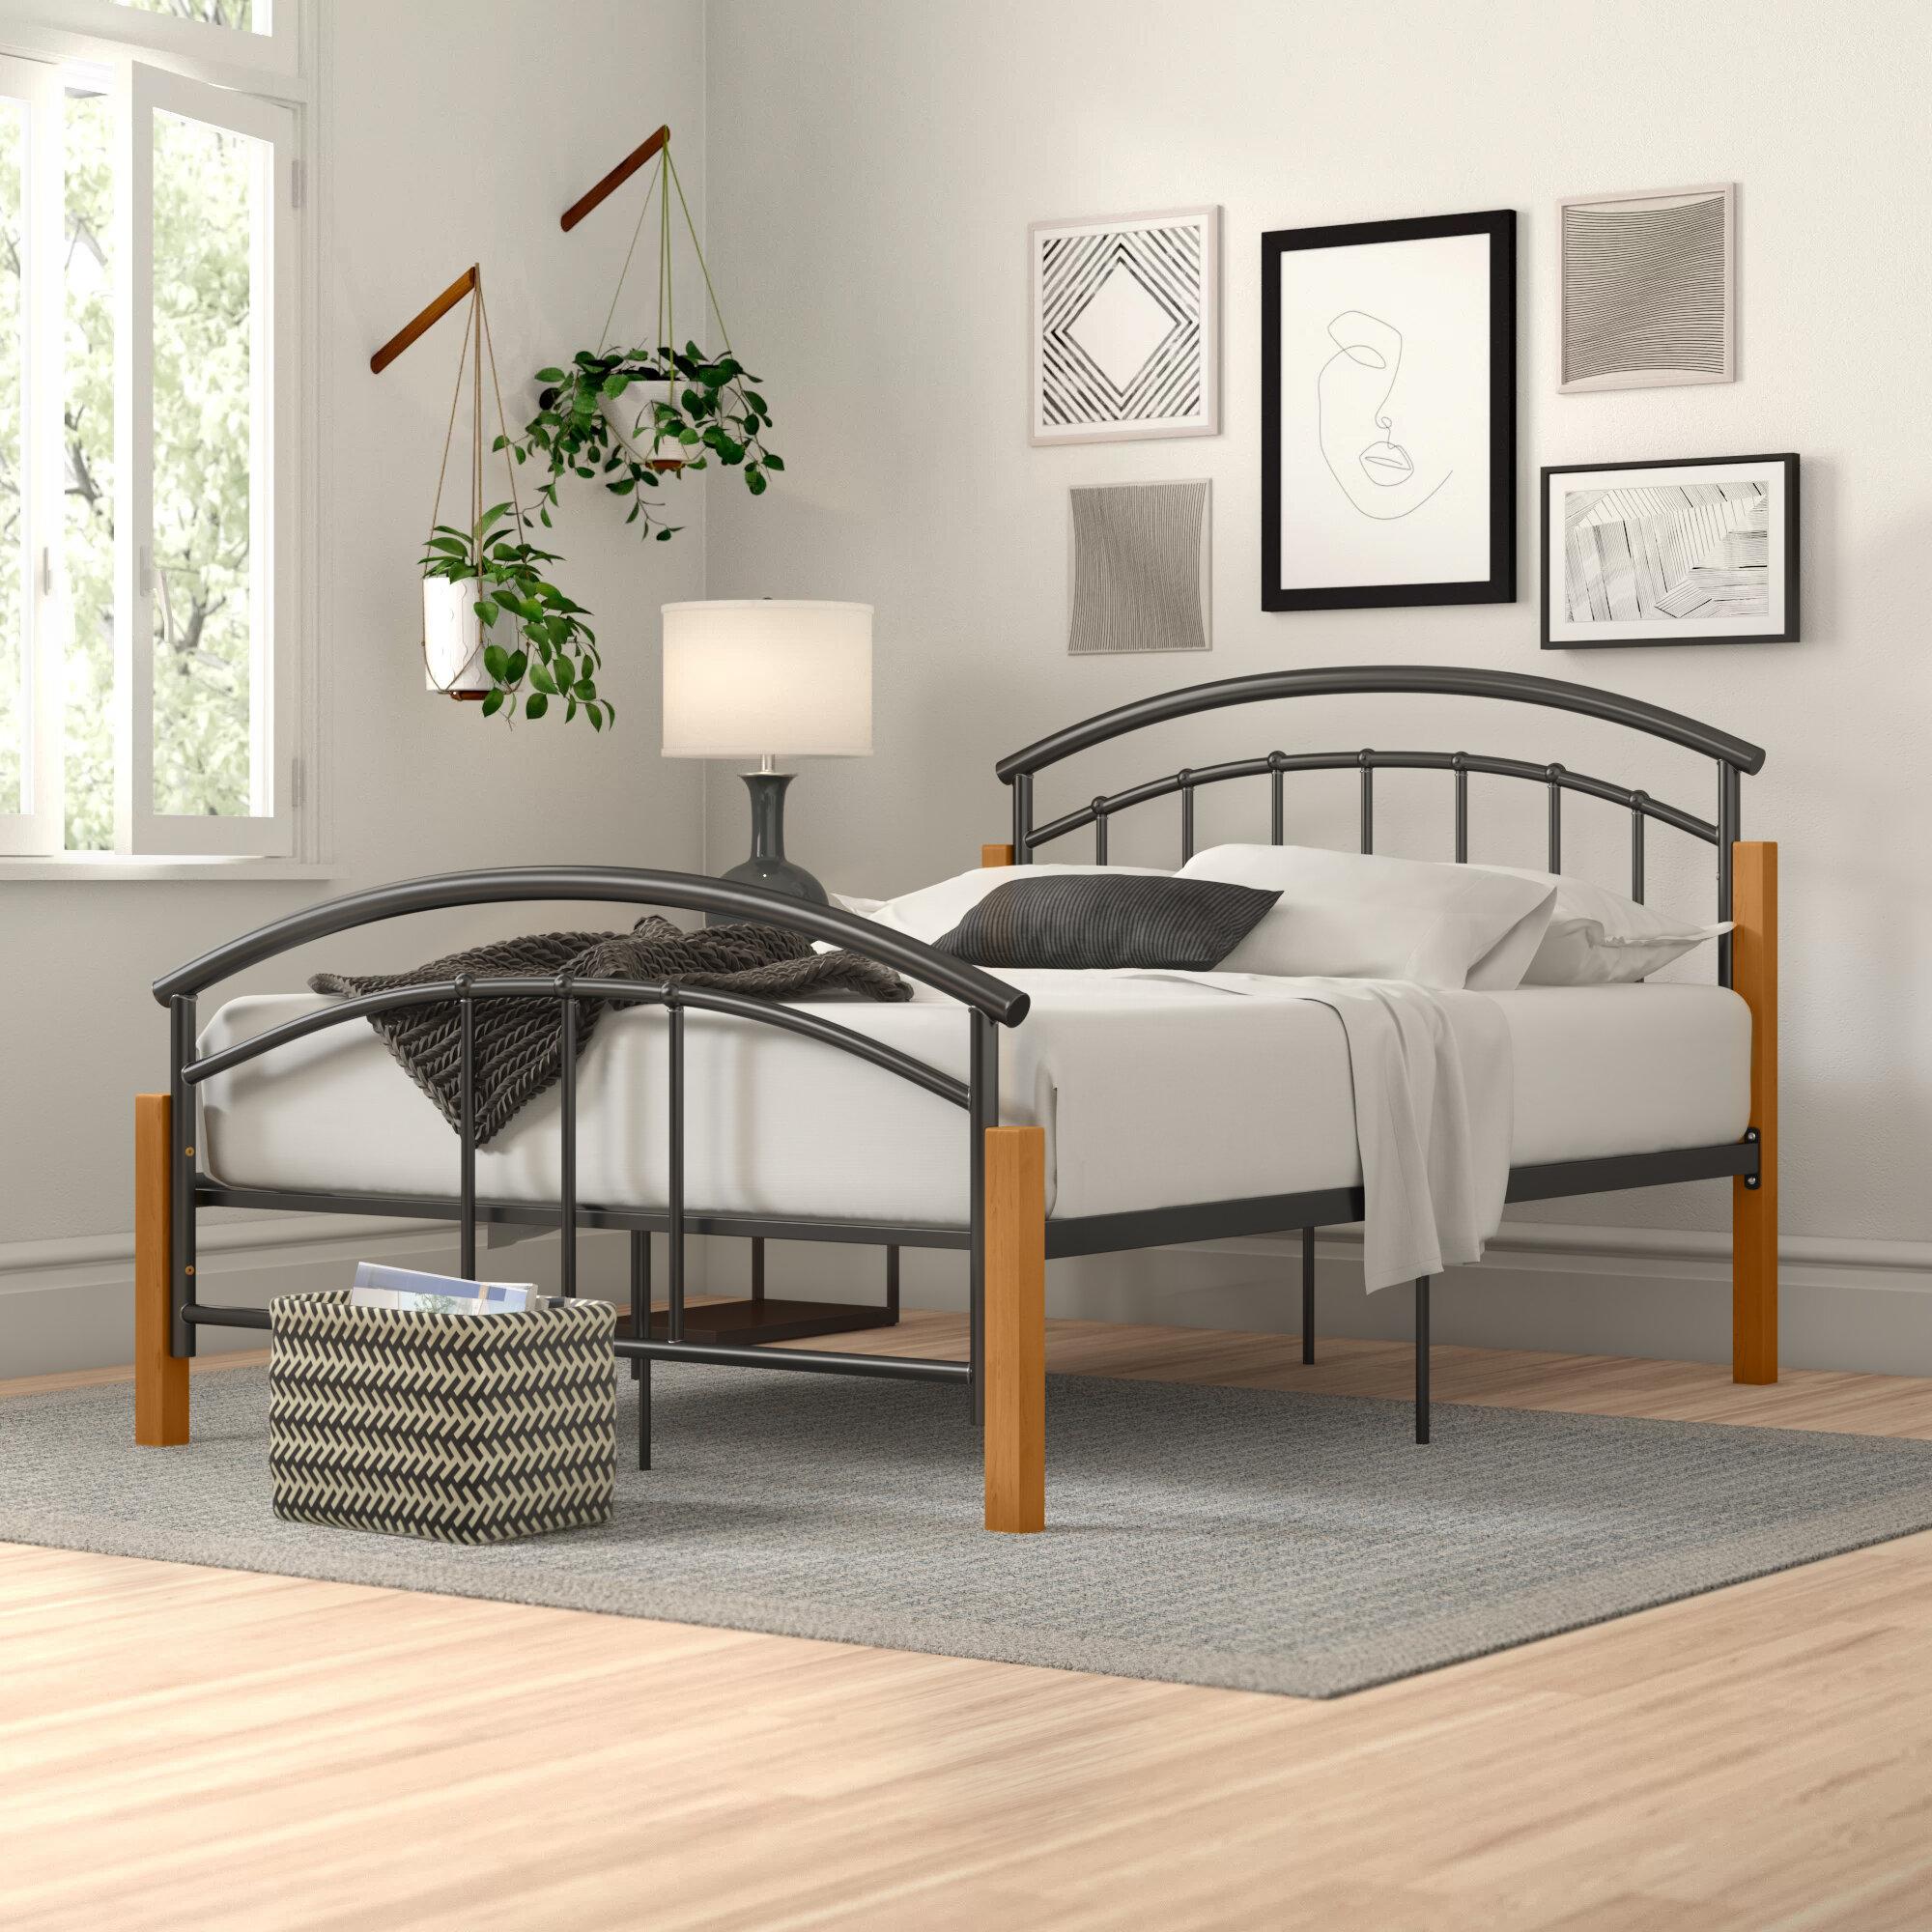 Zipcode Design Malaysia Metal Bed Frame Reviews Wayfair Co Uk